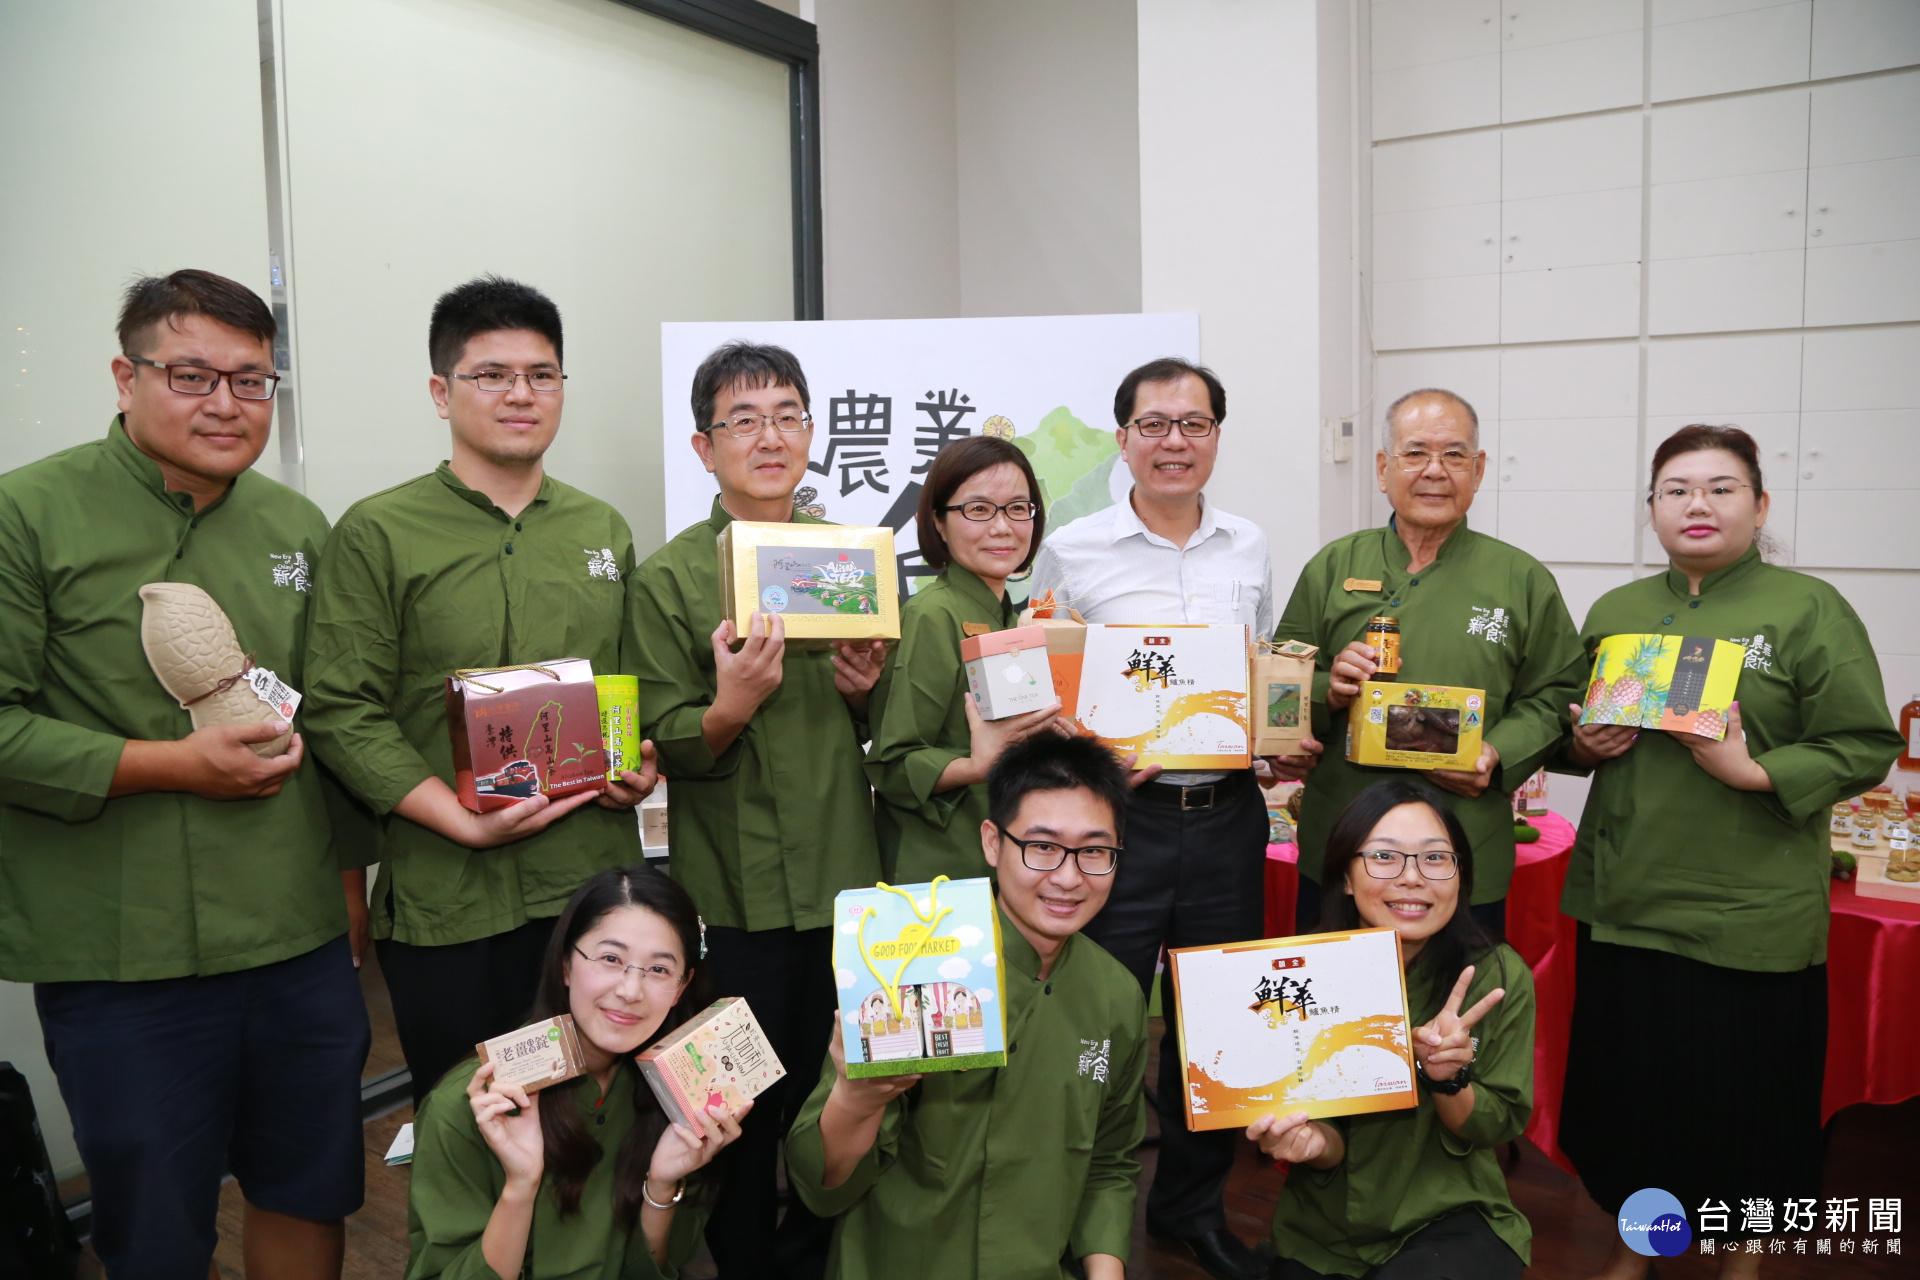 多樣美食行銷國際 嘉縣進軍馬來西亞食品展